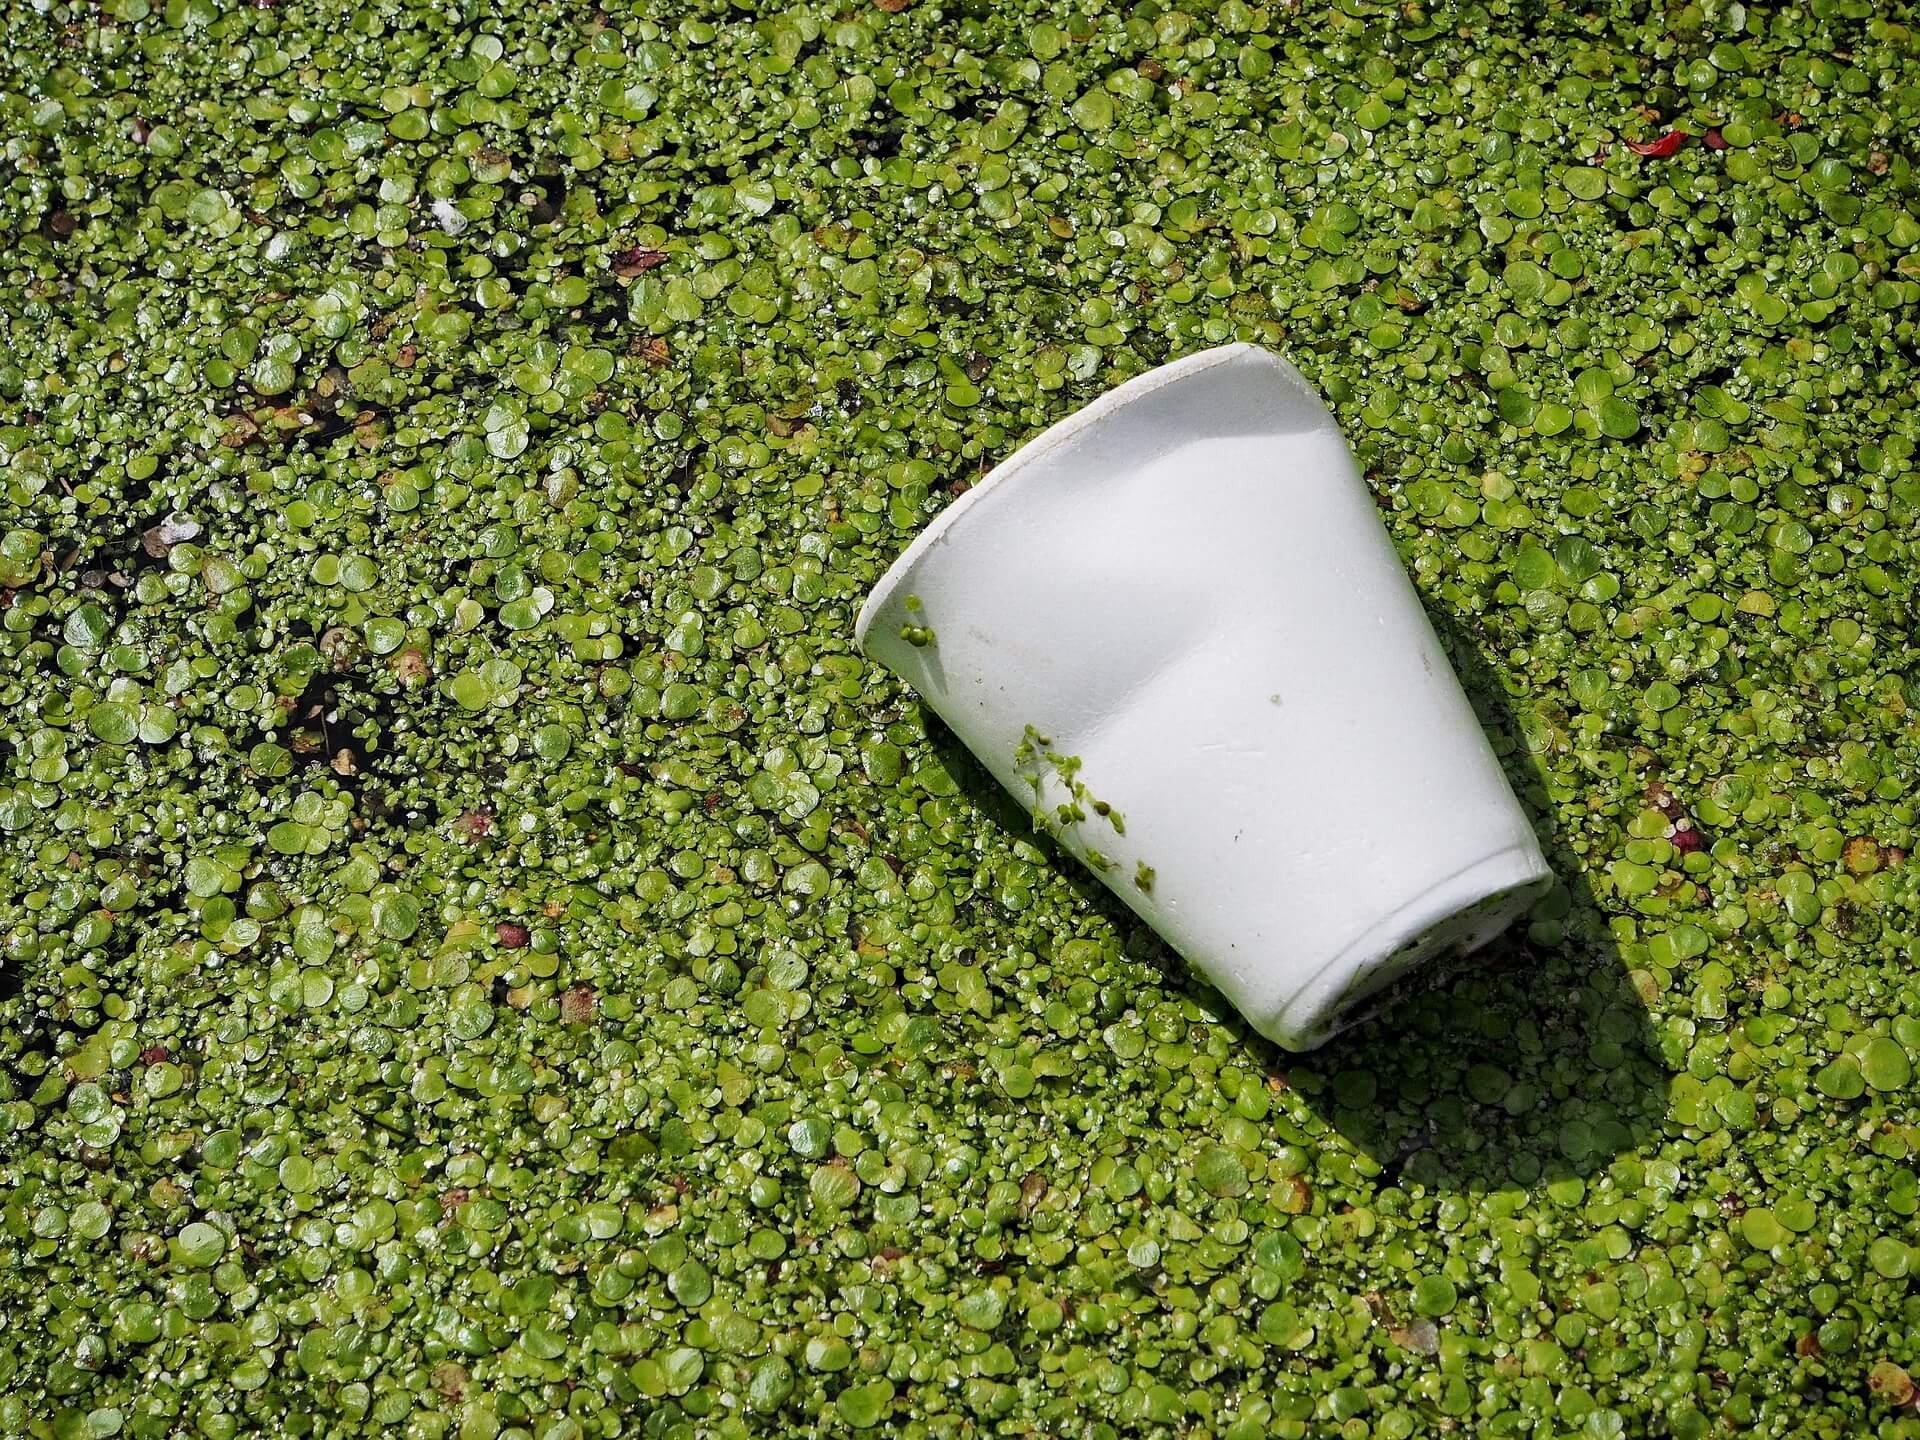 пластик биоразлагаемый Изображение Andrew Martin с сайта Pixabay